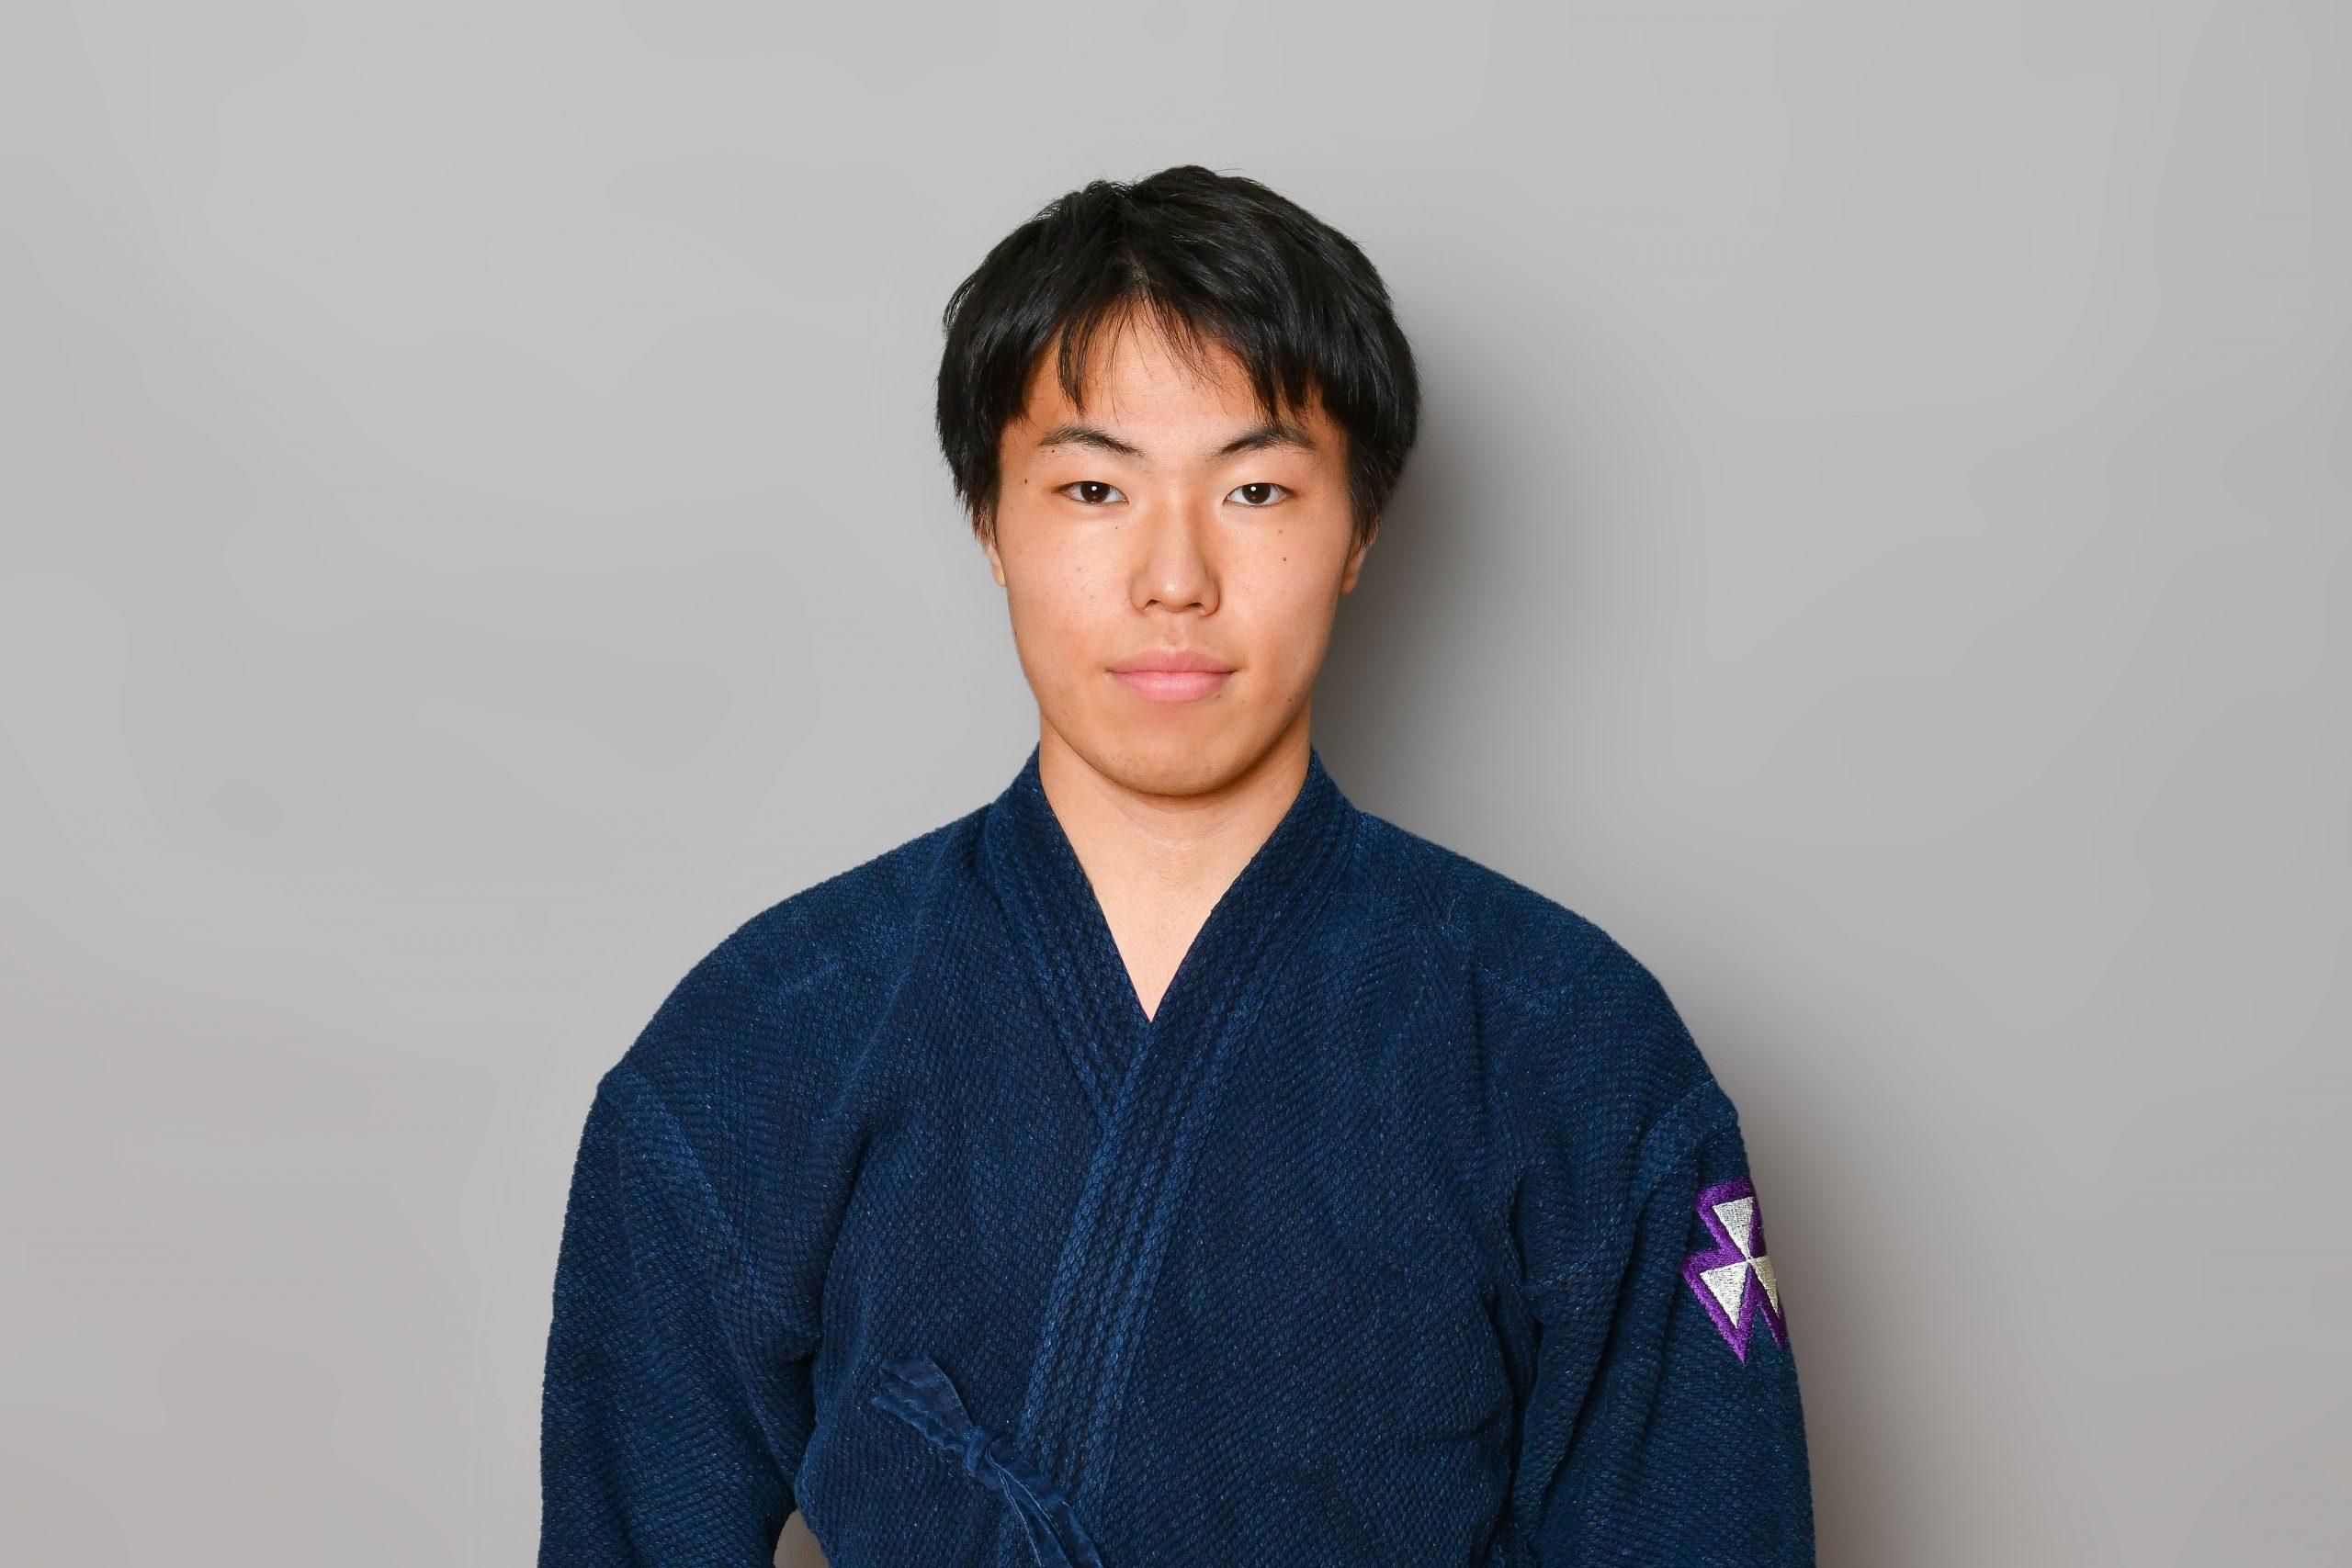 佐藤 久暢(さとう ひさのぶ)